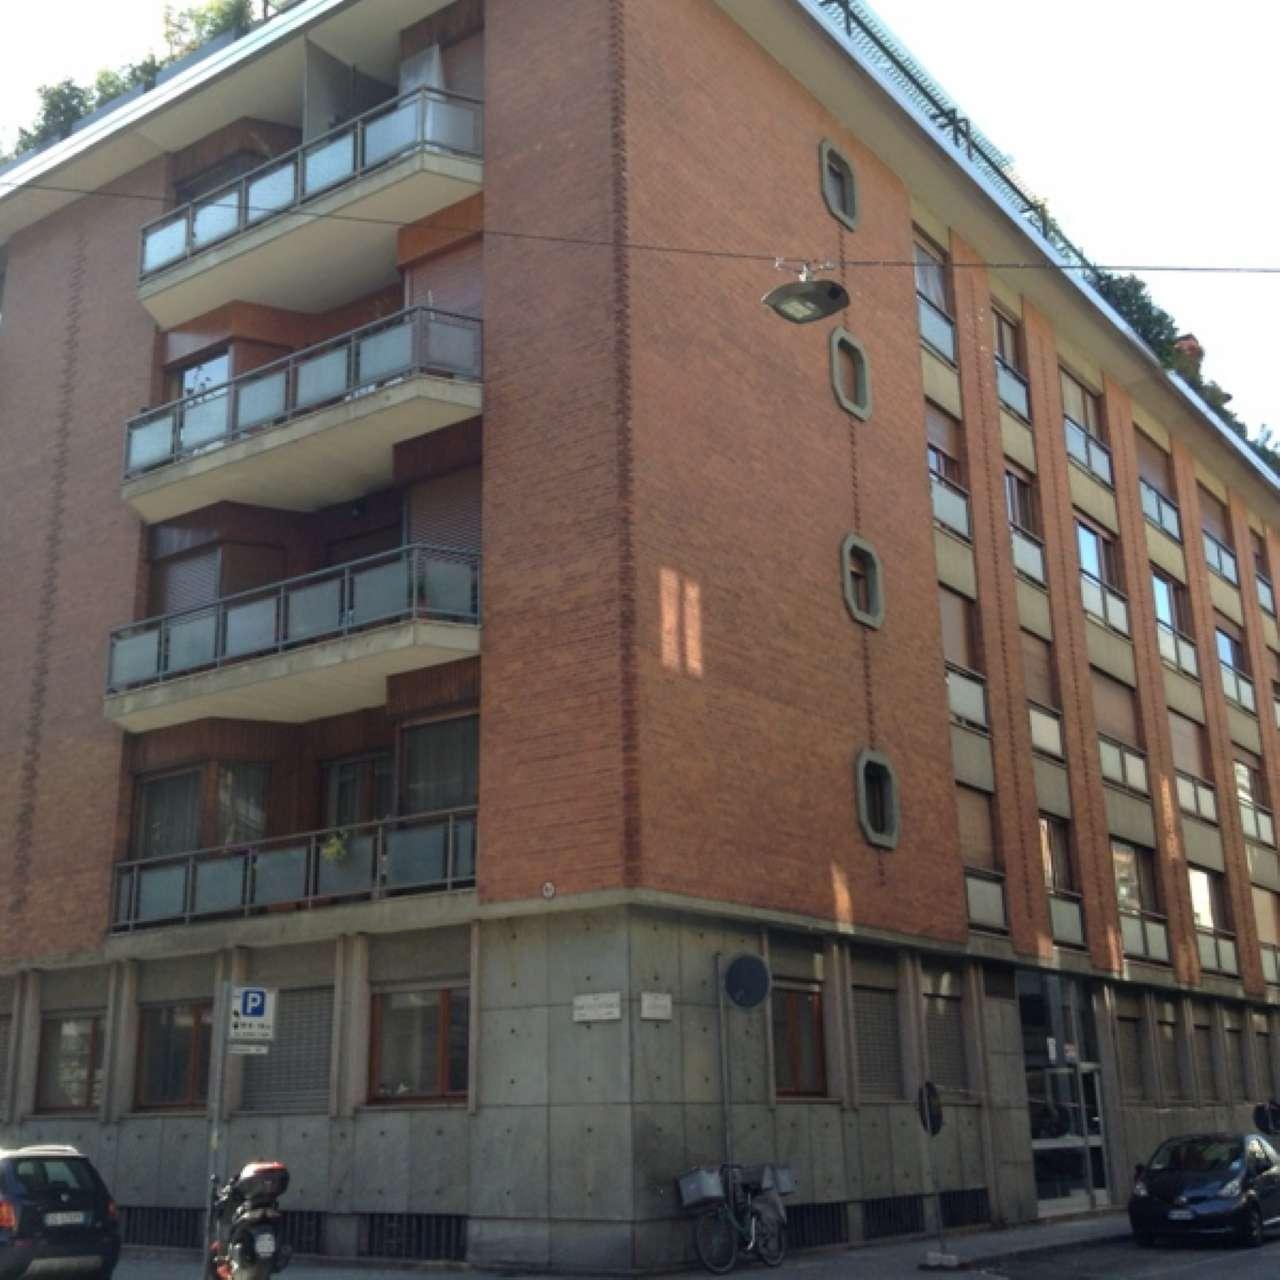 Magazzino in affitto a Torino, 2 locali, zona Zona: 3 . San Salvario, Parco del Valentino, prezzo € 370 | CambioCasa.it